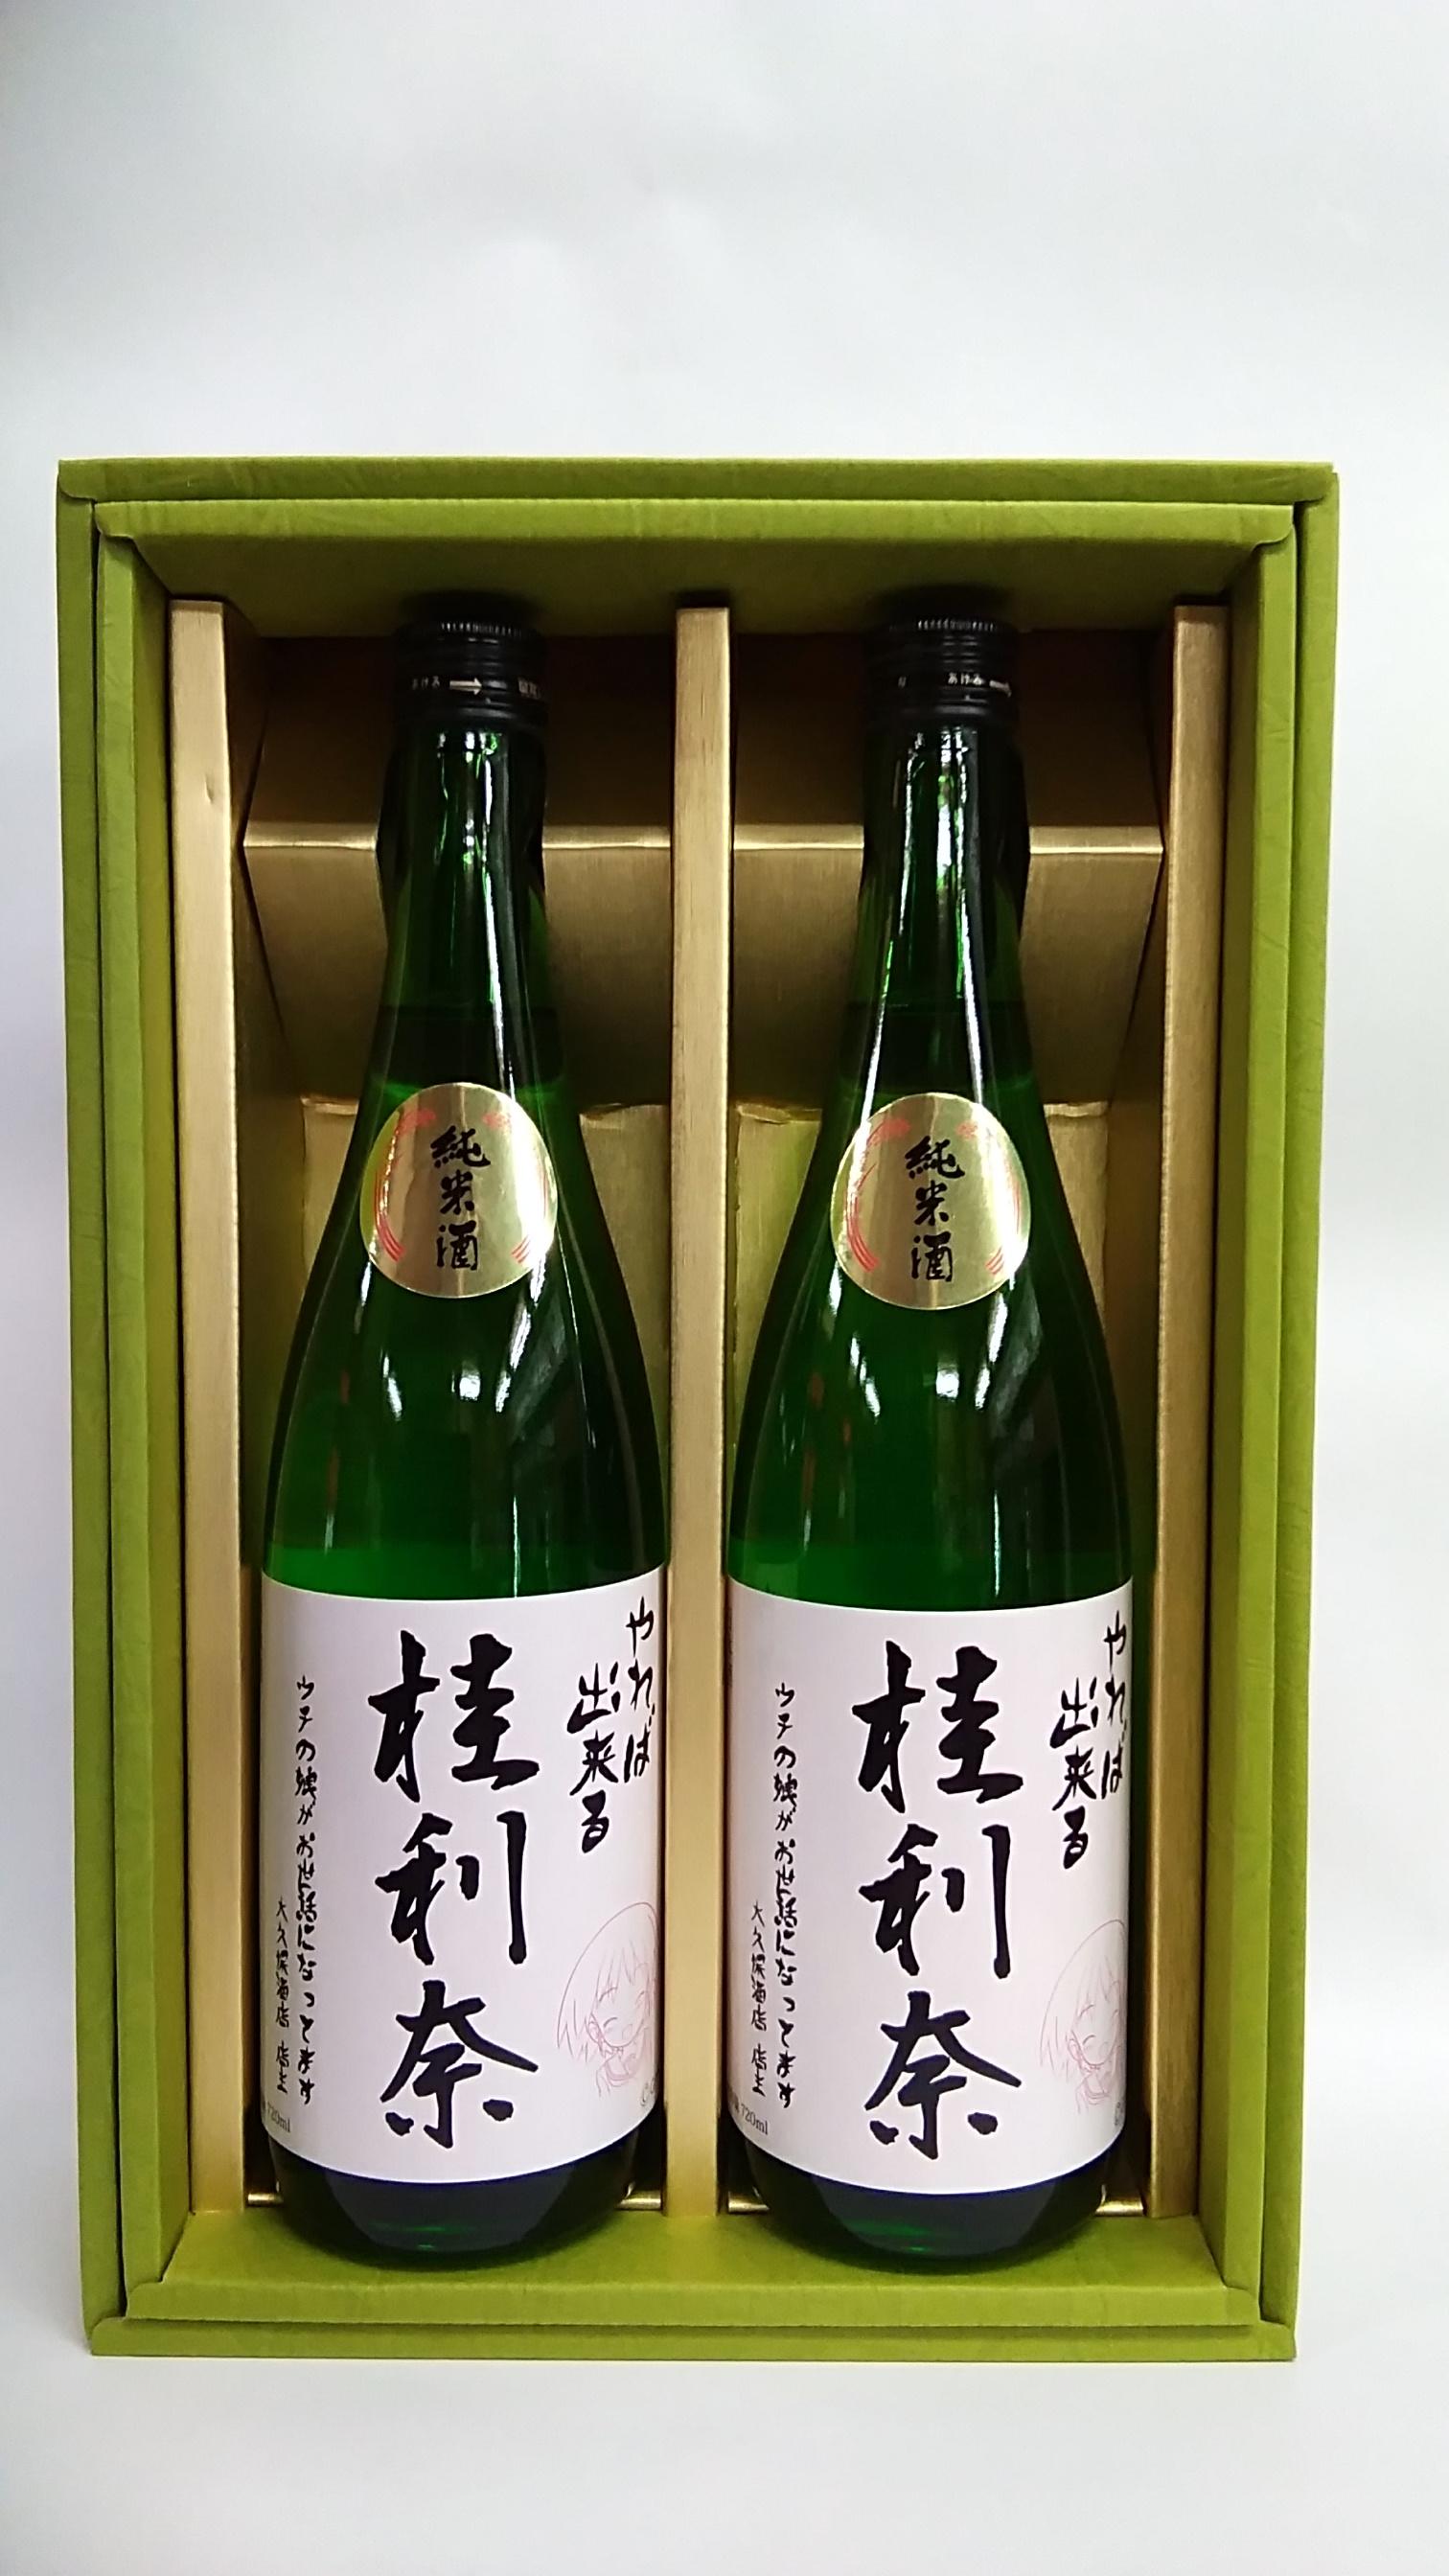 AW008_月の井 純米酒 やれば出来る桂利奈2本セット